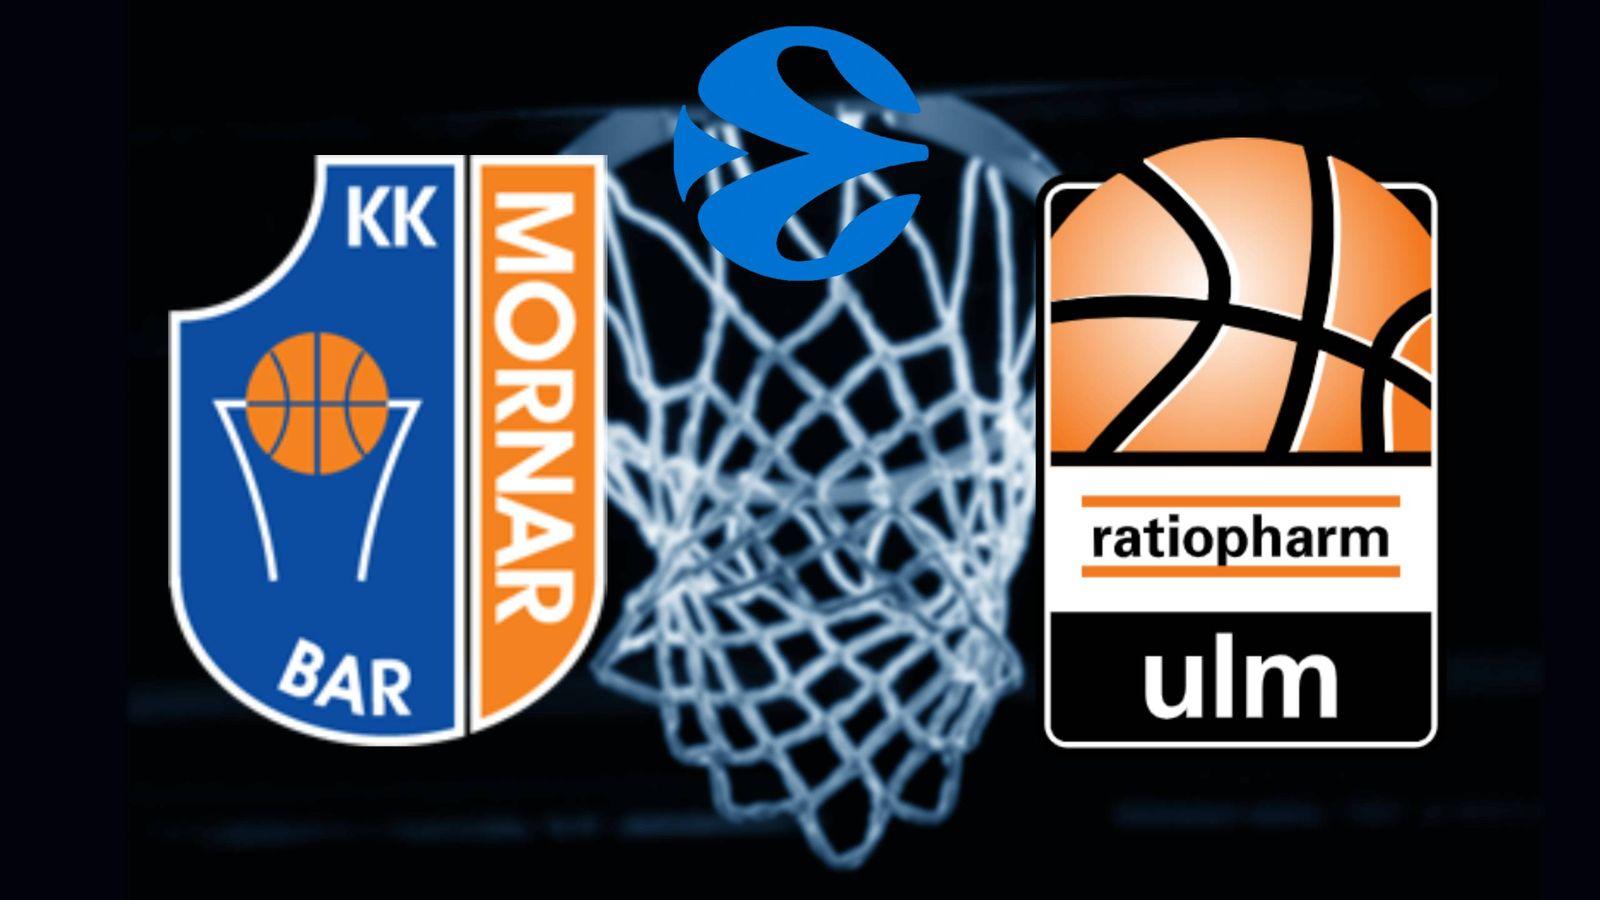 Mornar Bar Ratiopharm Ulm Eurocup | Omgång 6 Eurosport